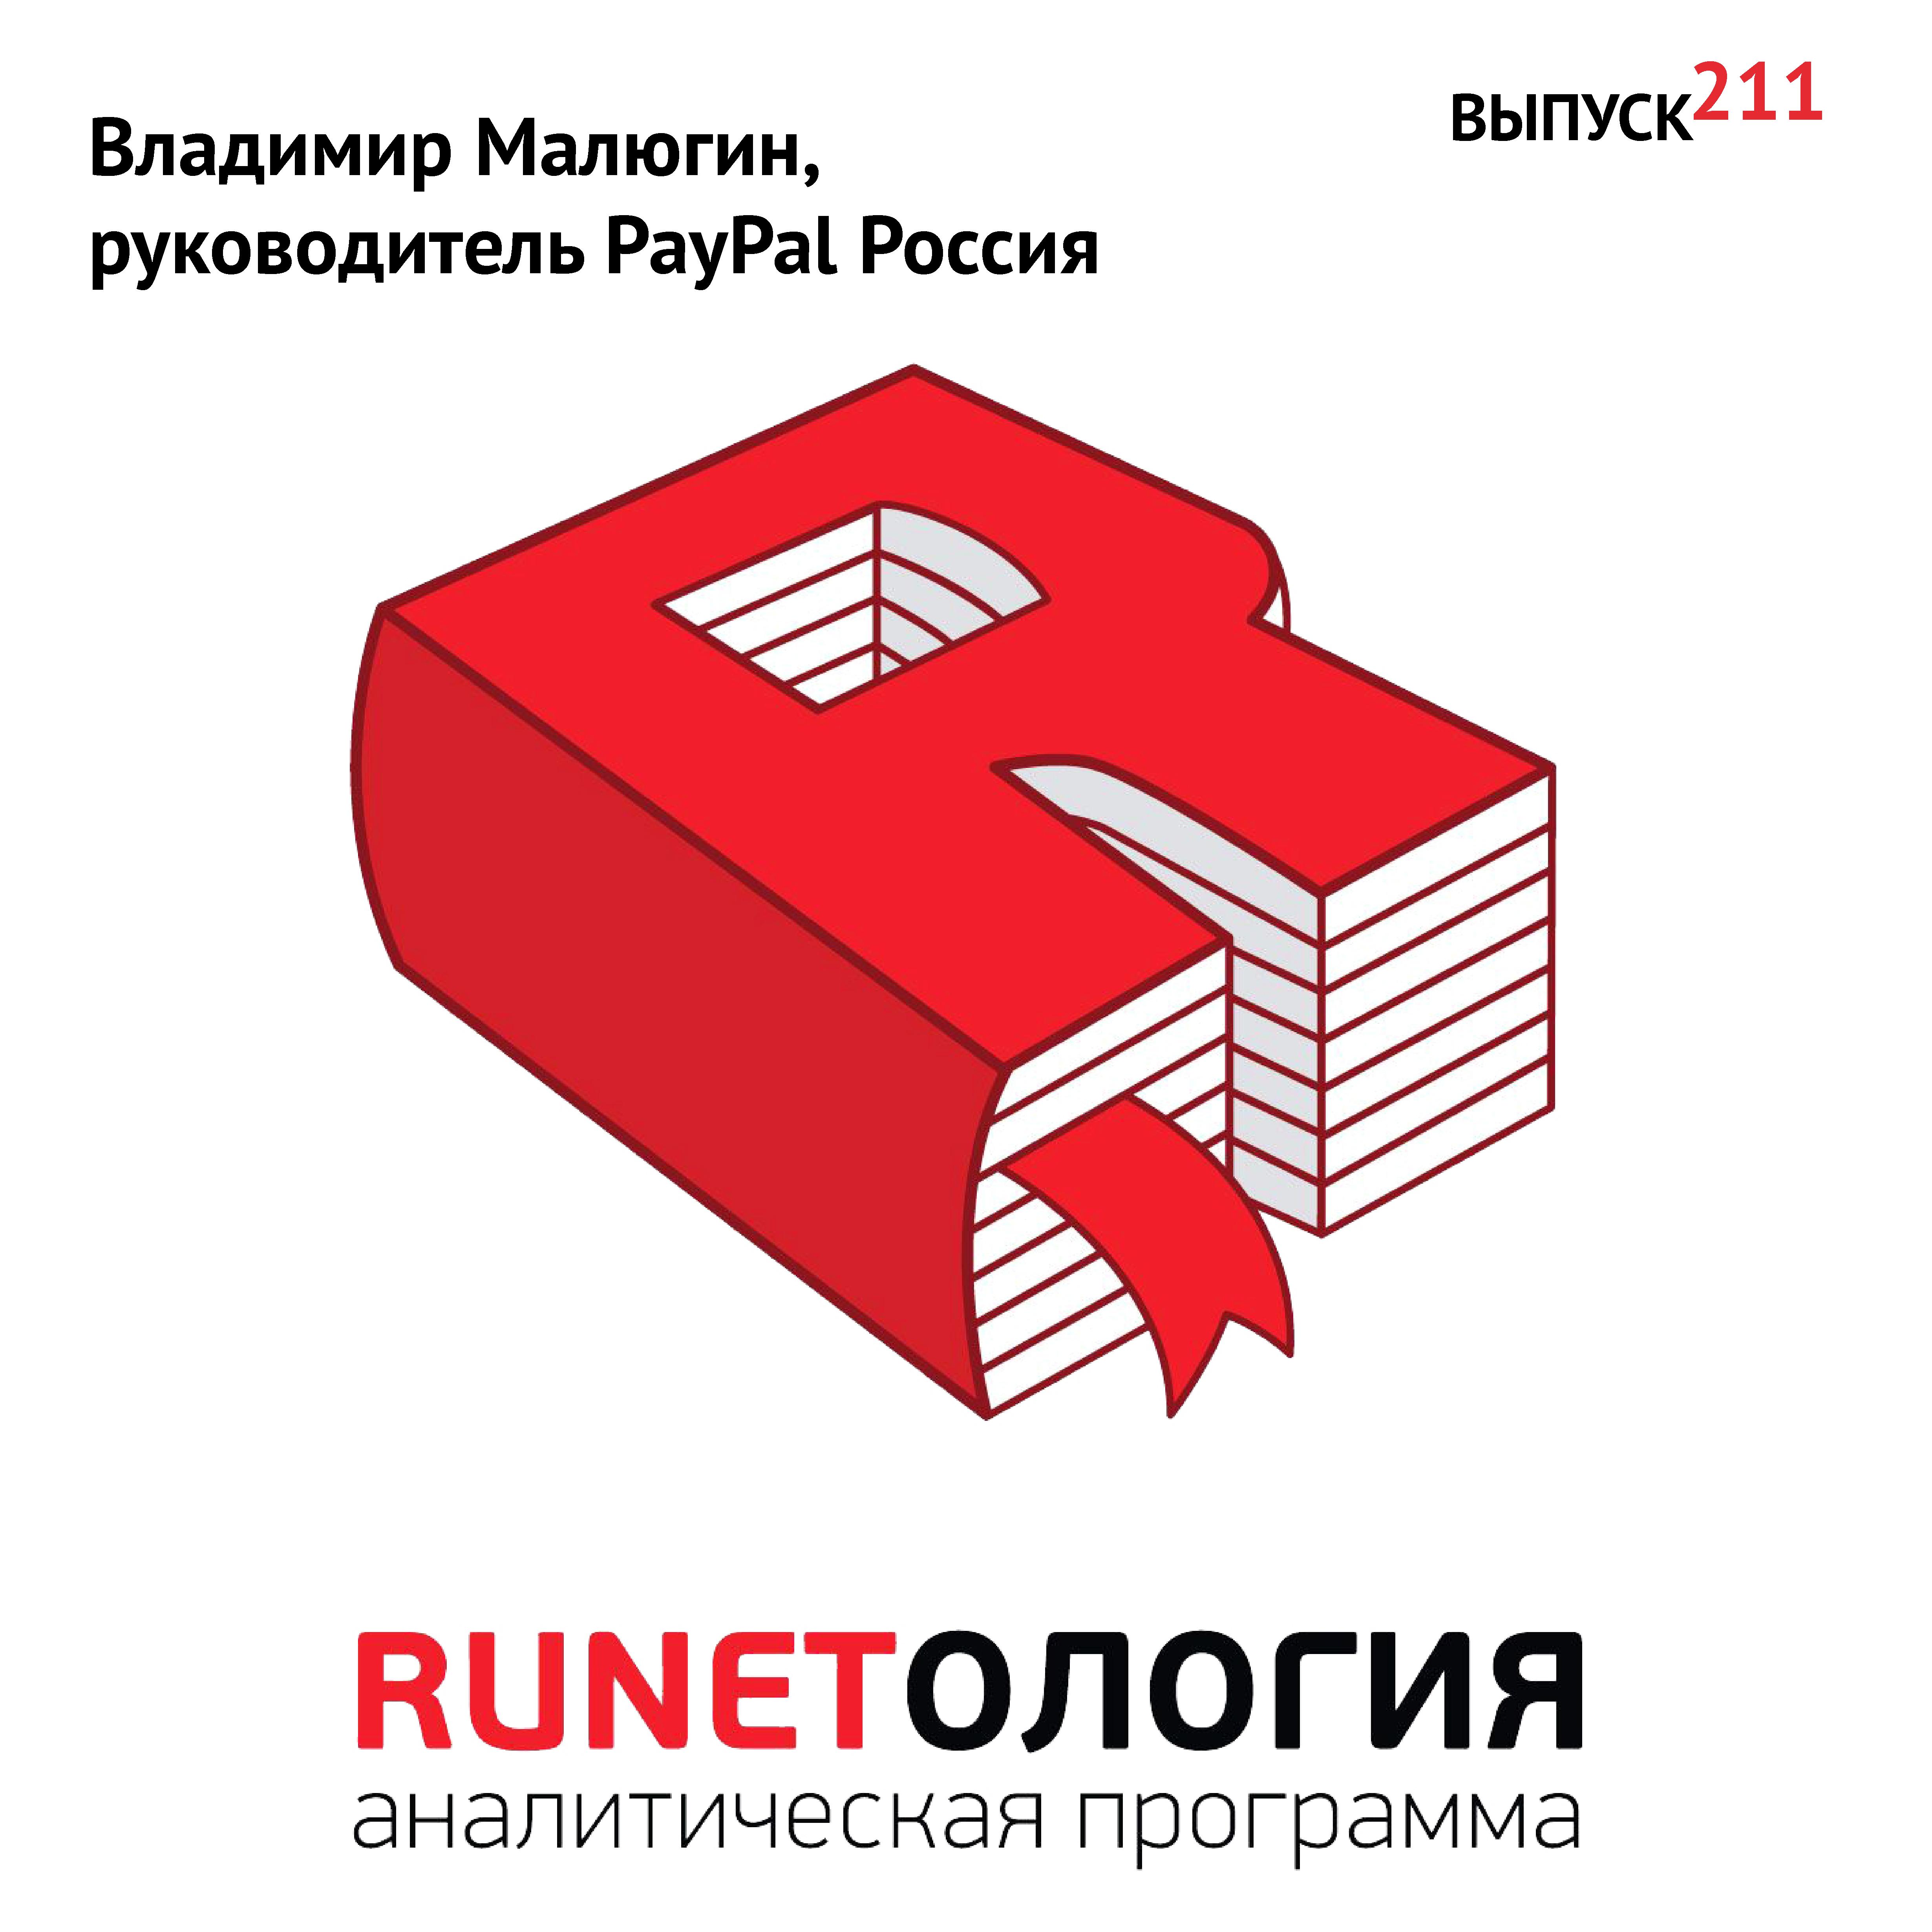 Максим Спиридонов Владимир Малюгин, руководитель PayPal Россия paypal